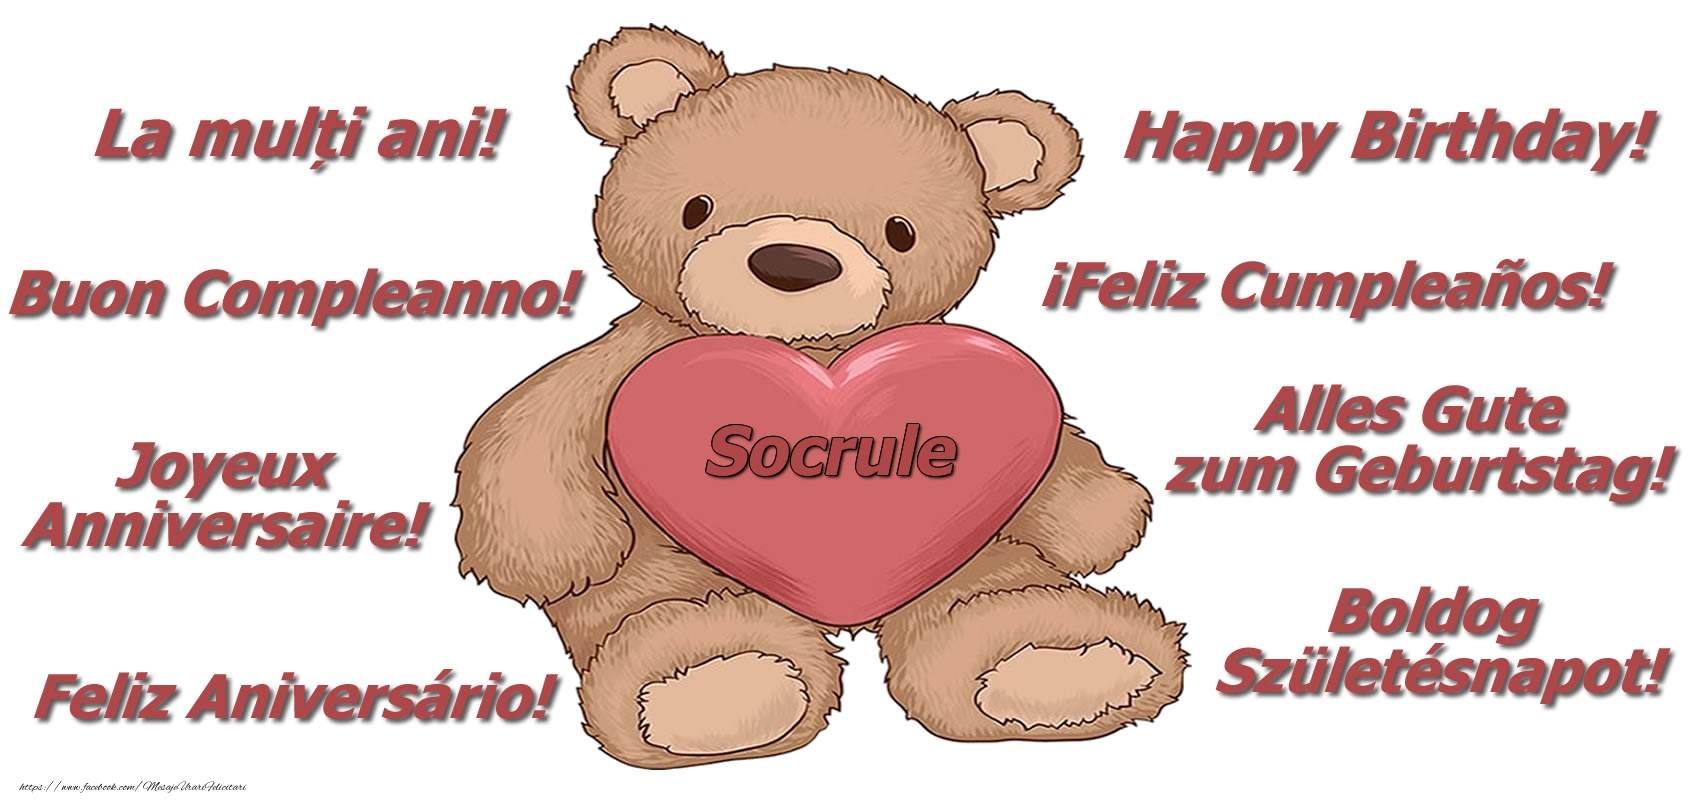 Felicitari frumoase de zi de nastere pentru Socru | La multi ani socrule! - Ursulet